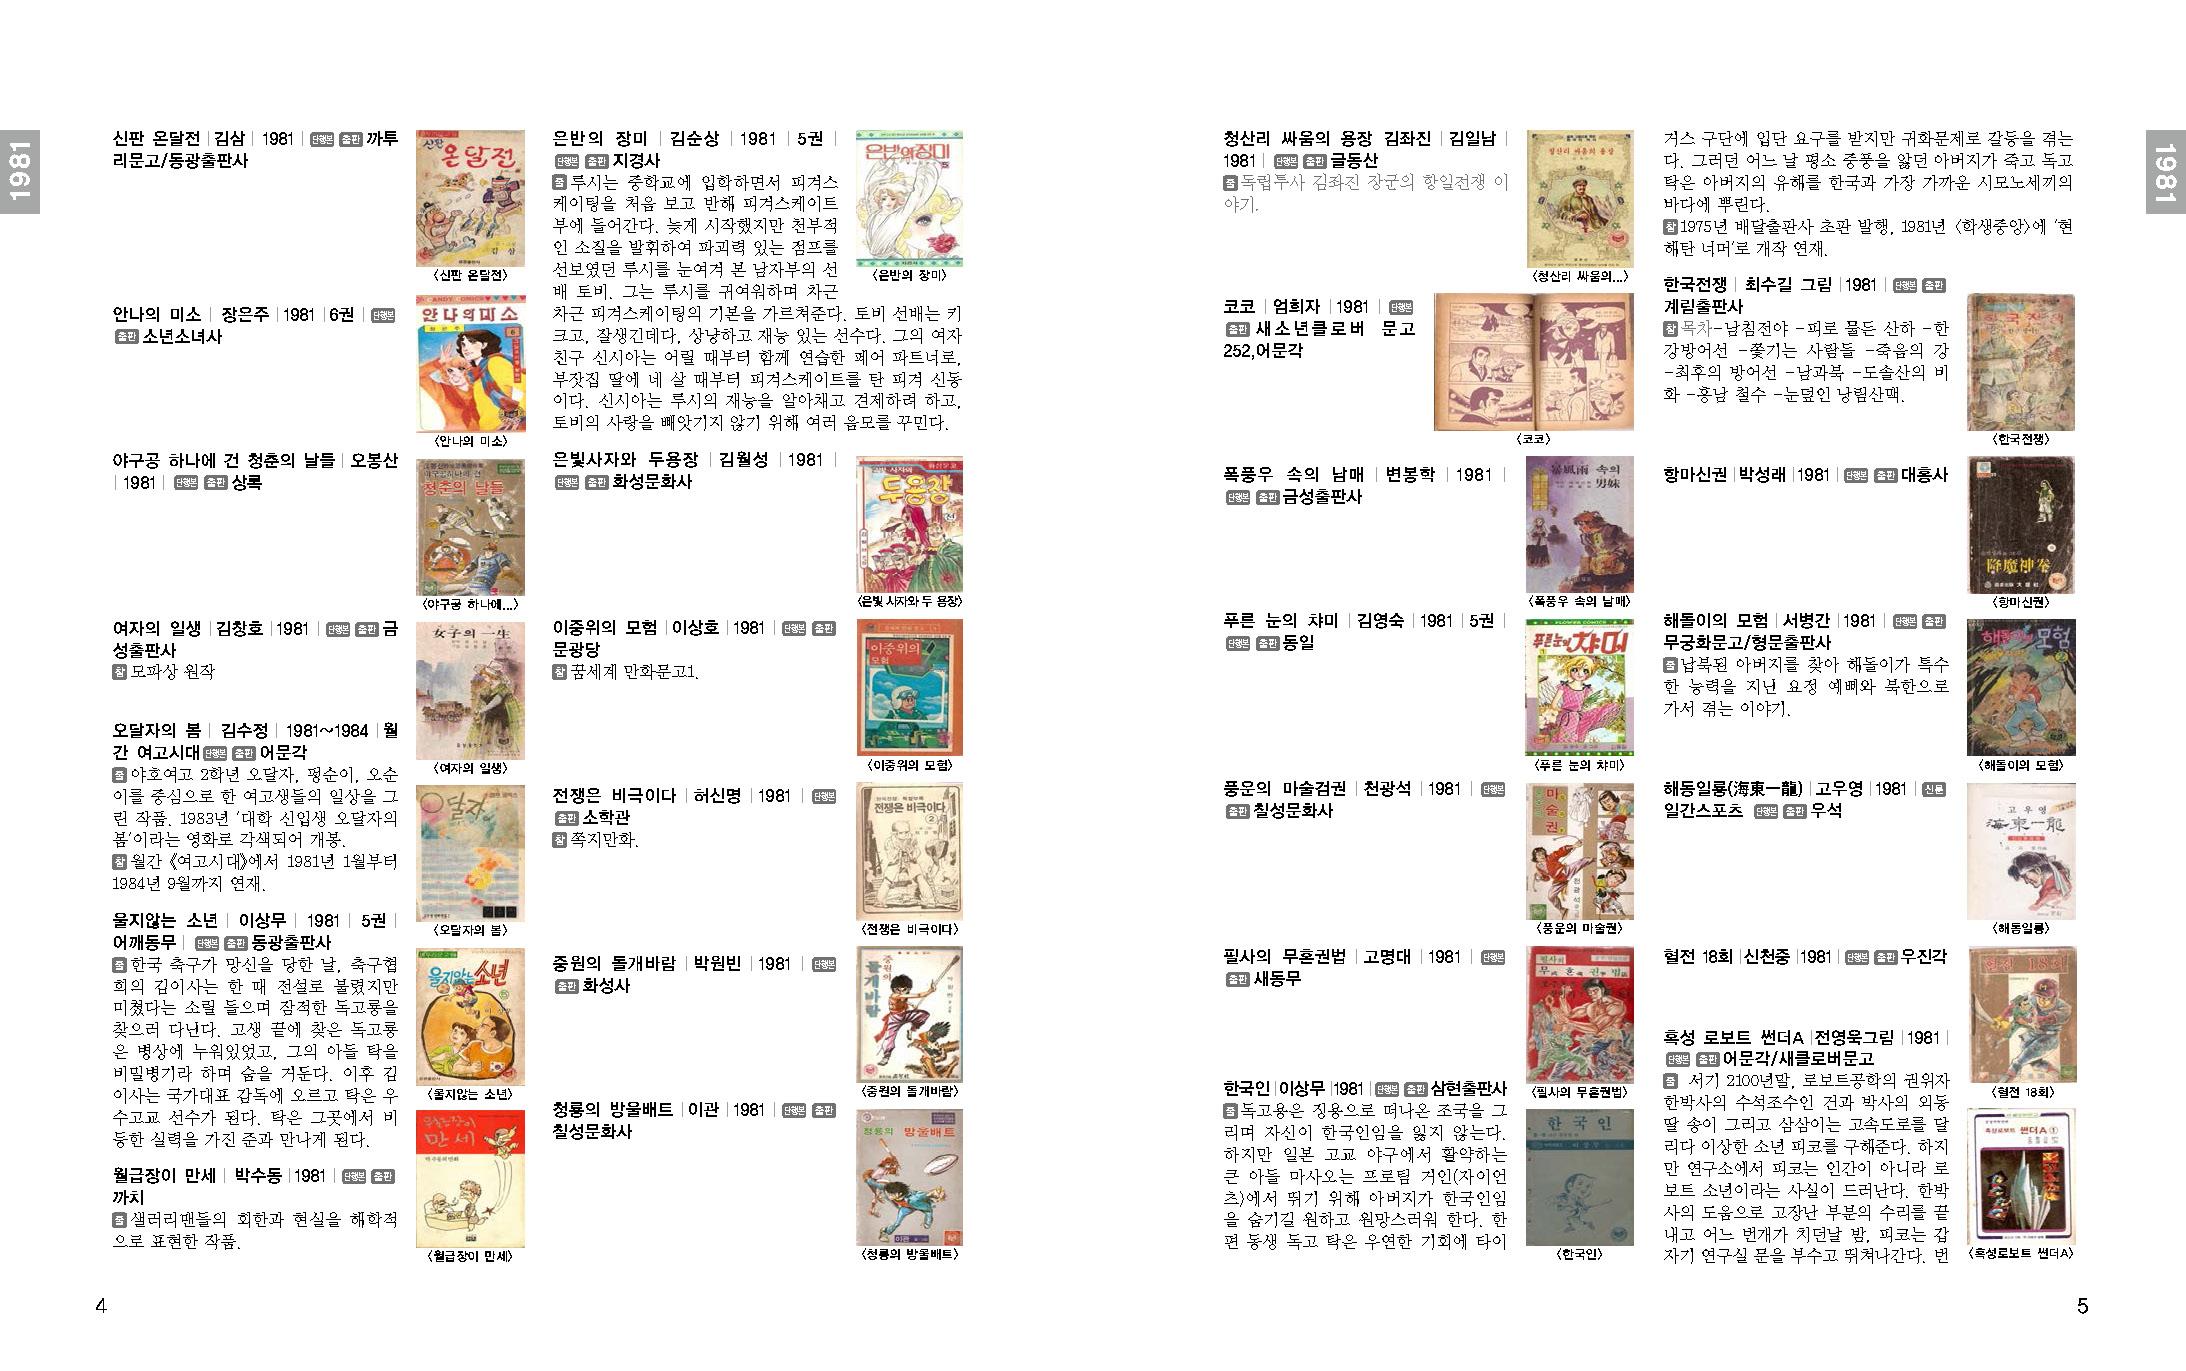 만화6차_1981-90_페이지_03.jpg